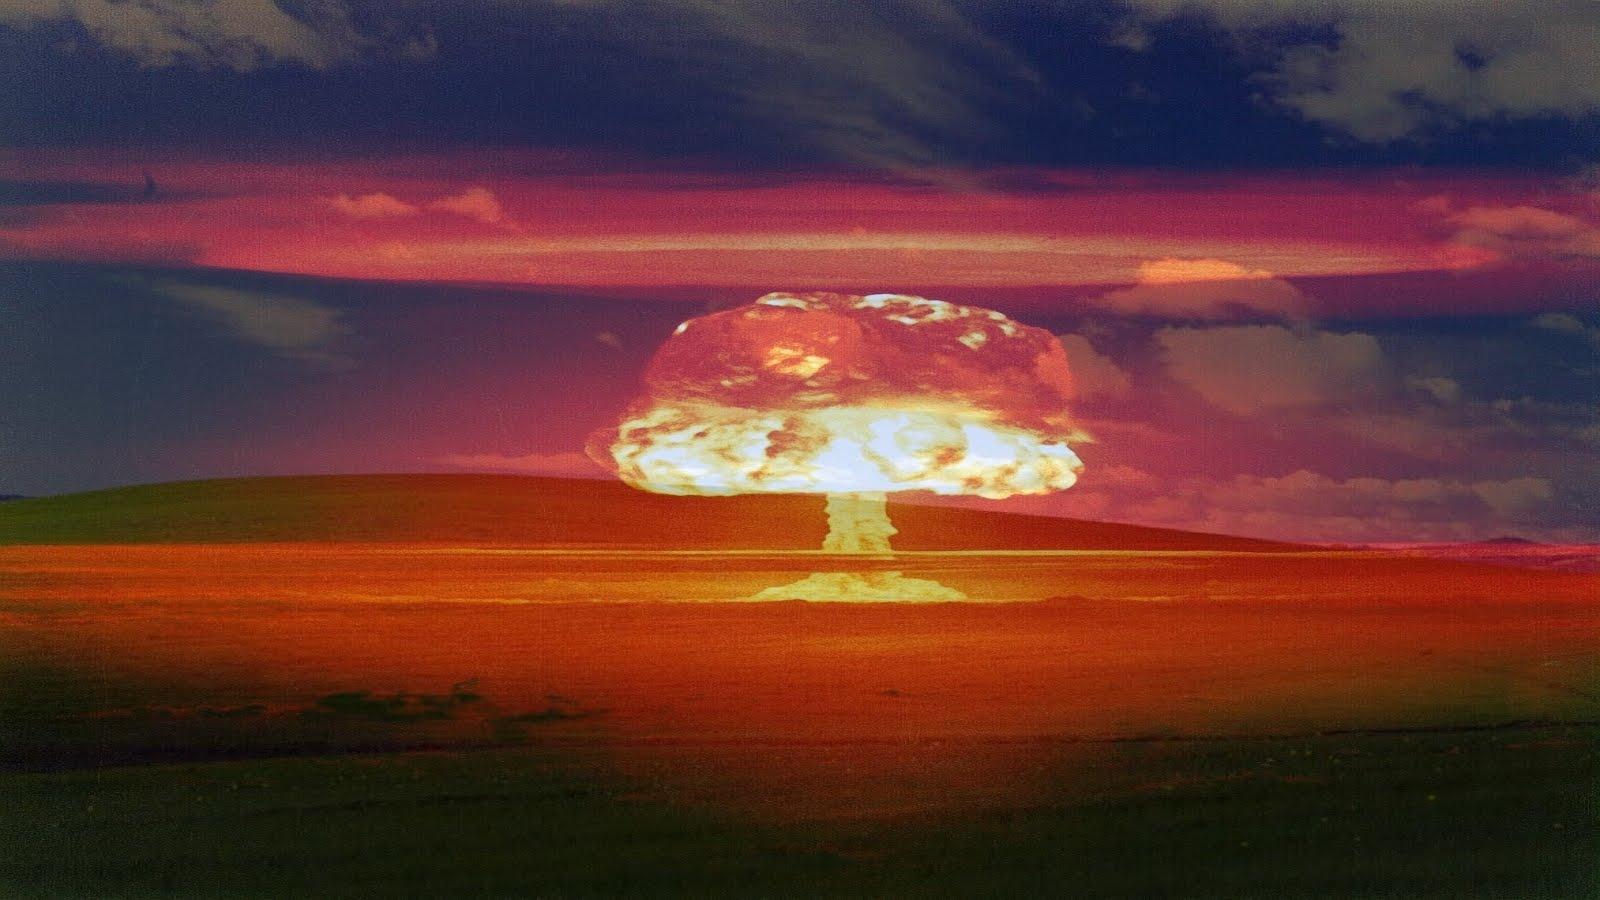 http://1.bp.blogspot.com/-I1ffMJByroY/Tw451G745gI/AAAAAAAAHBA/RWEC9eeIACw/s1600/Armageddon.jpg